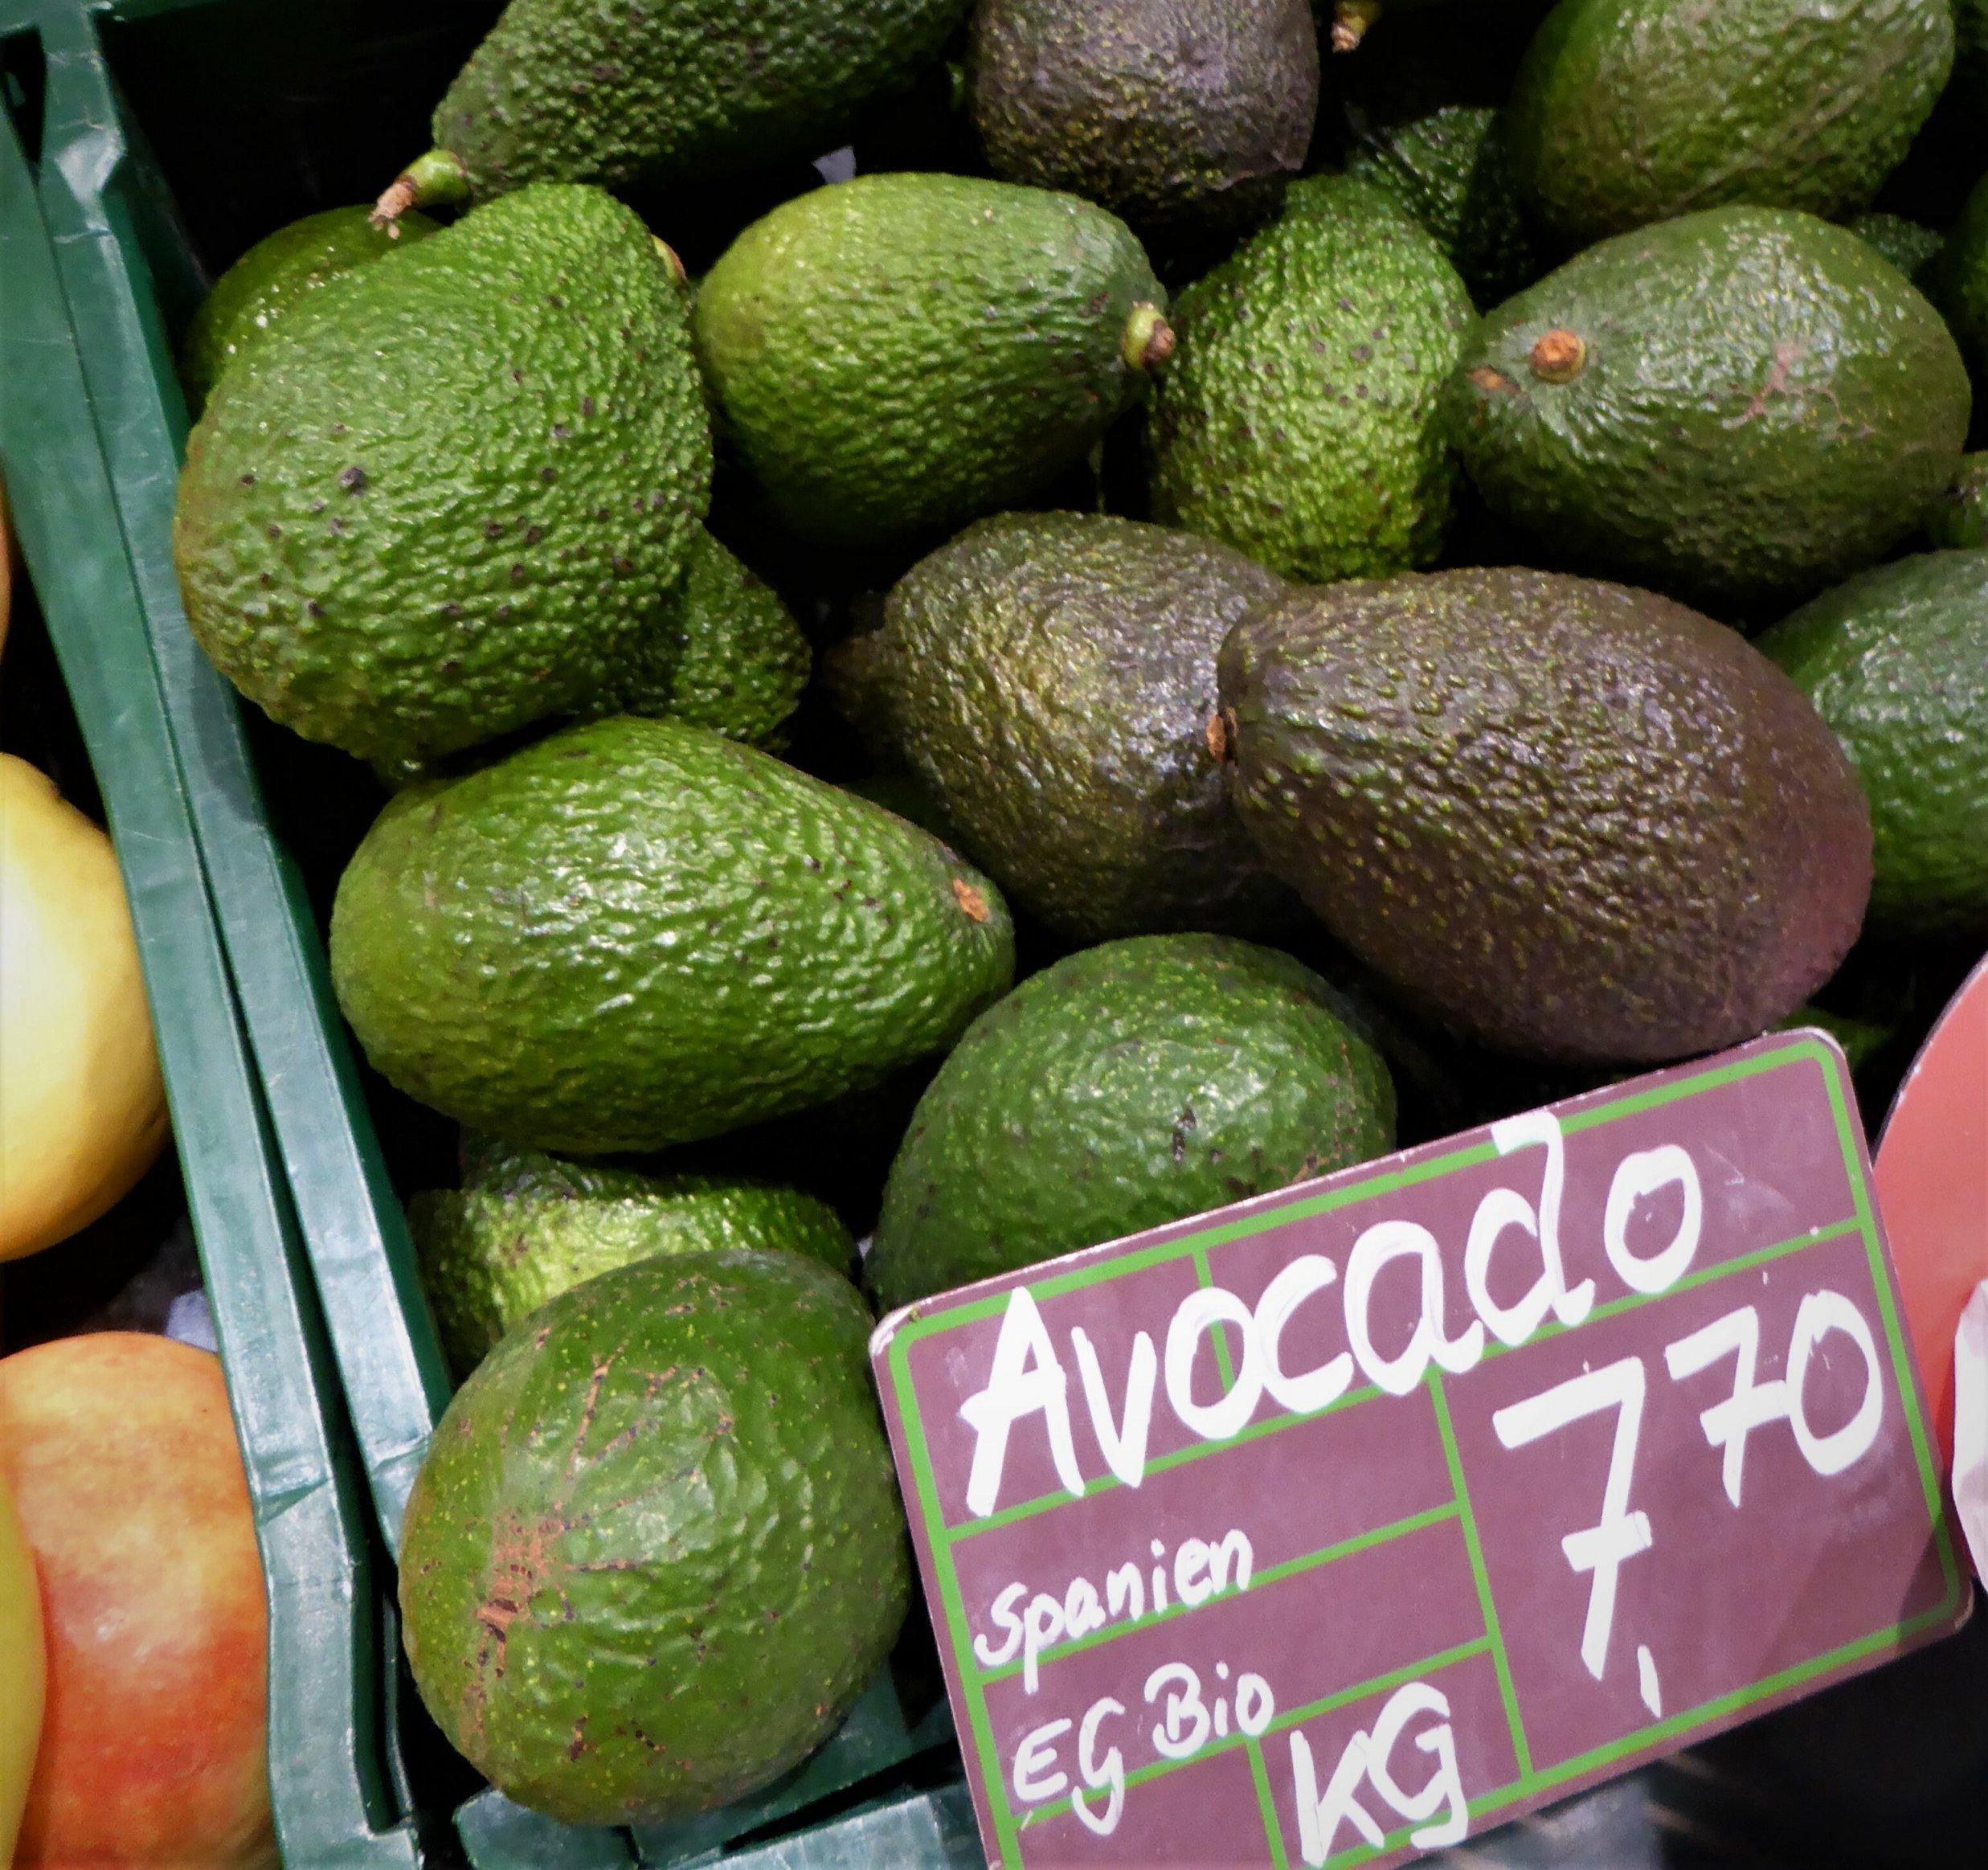 """Avocados in einer Plastikkiste mit der Preisauszeichnung """"Spanien EG Bio, Kilogramm 7,70Euro""""."""